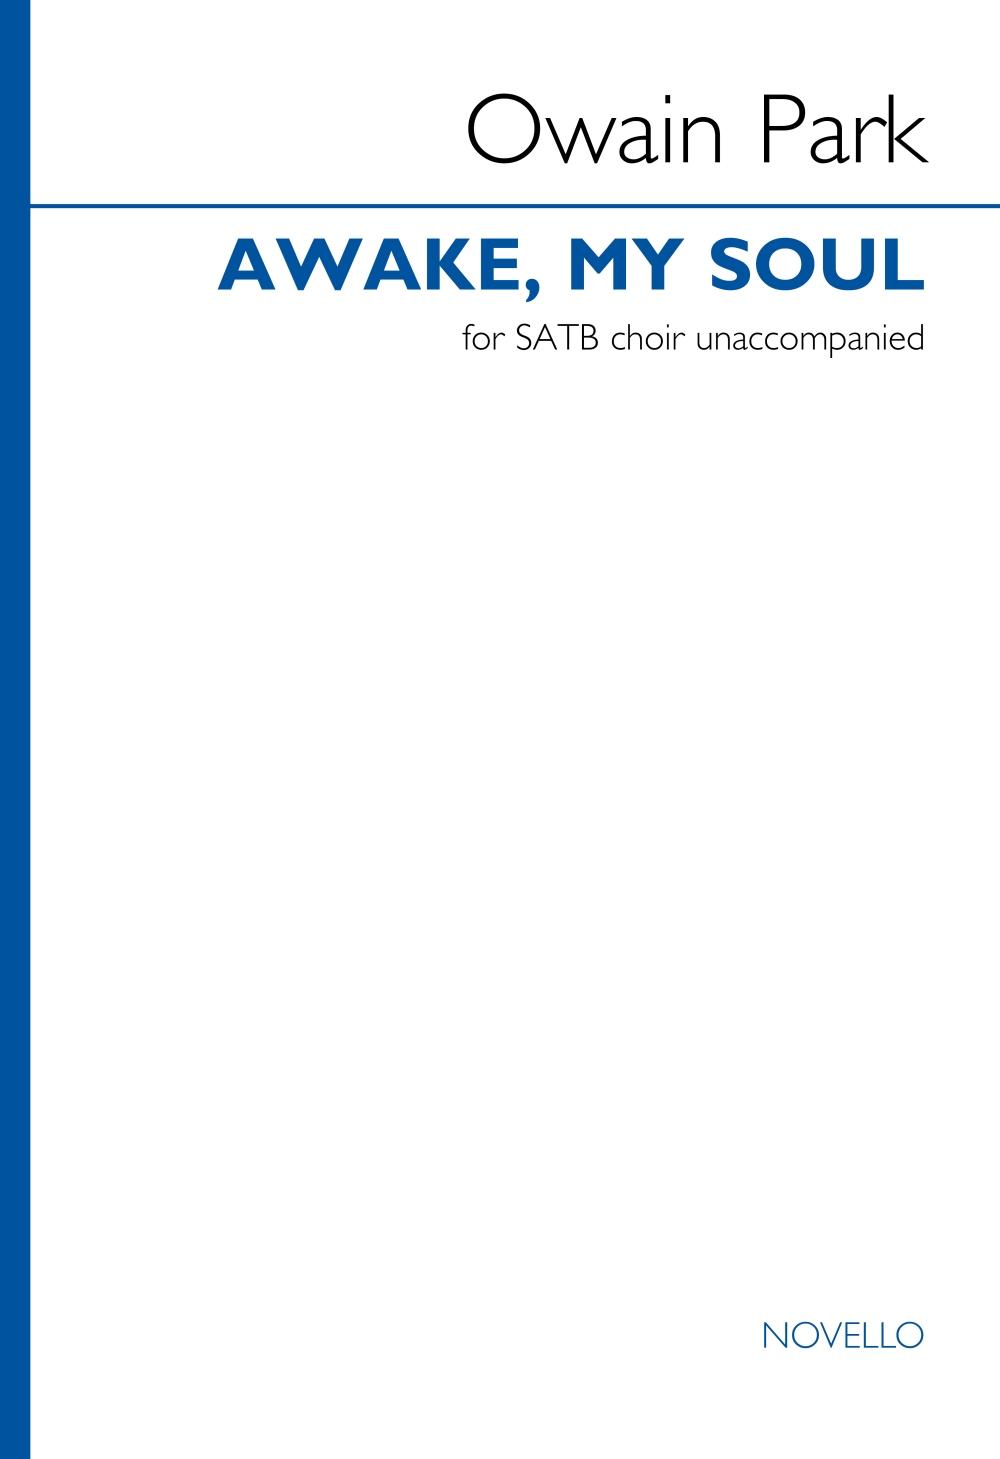 Owain Park: Awake  my soul: Mixed Choir A Cappella: Choral Score